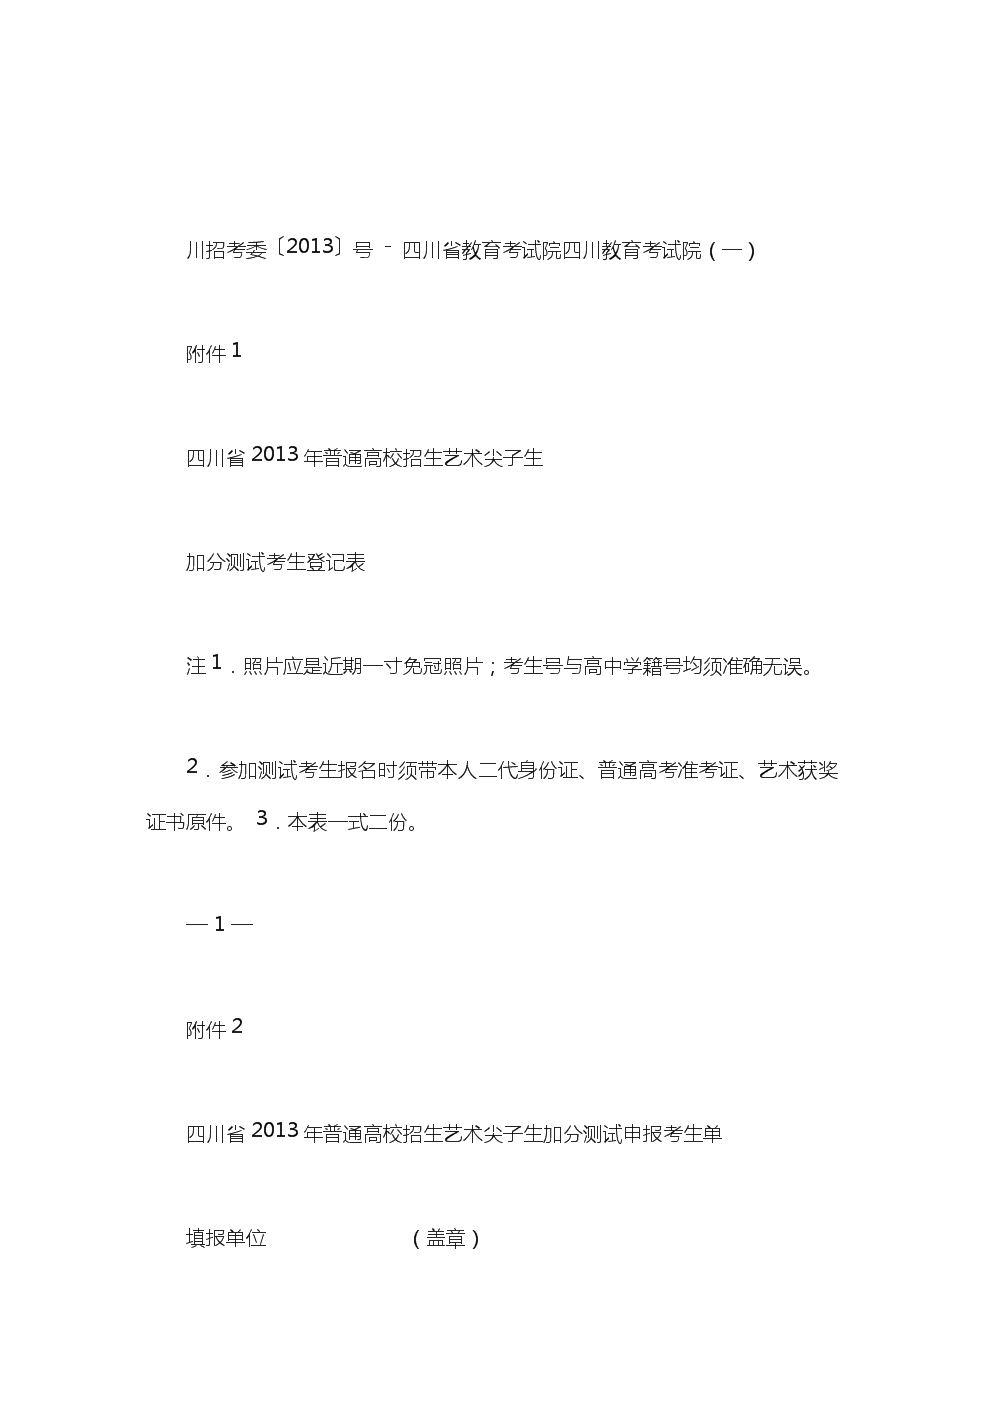 四川教育考试院.doc